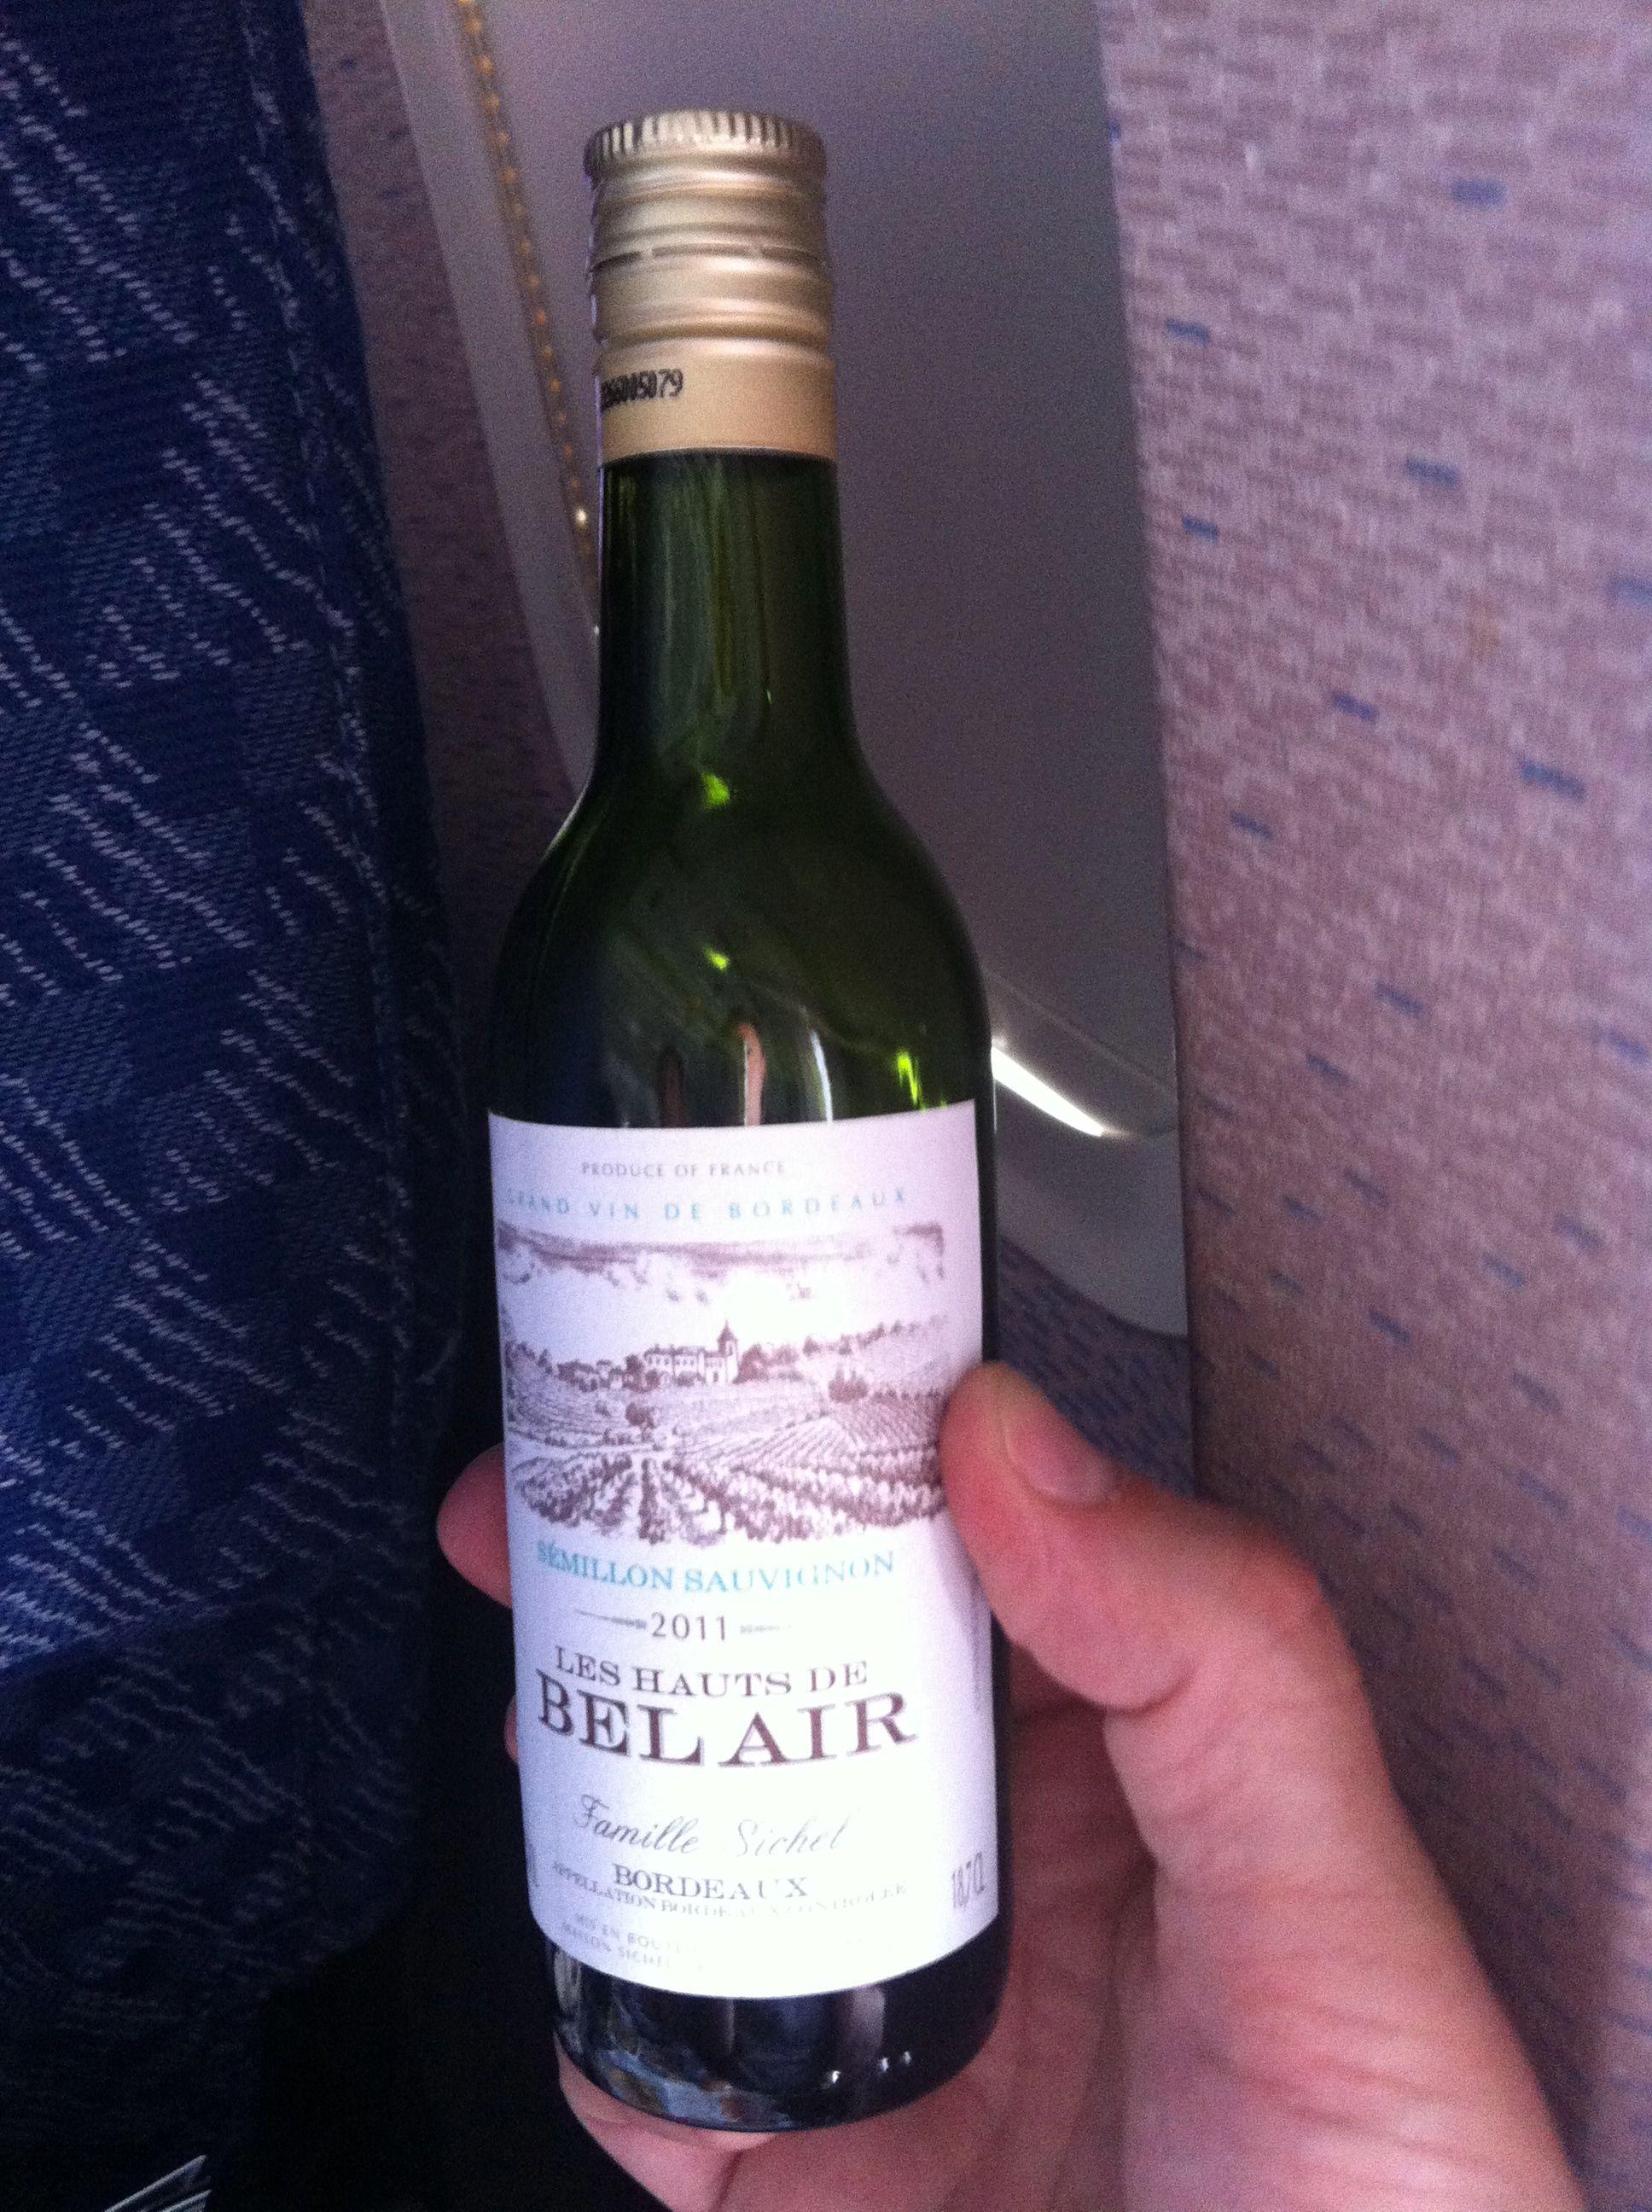 Gar nicht so schlecht: Die Cuvee aus Semillon und Sauvignon Blanc